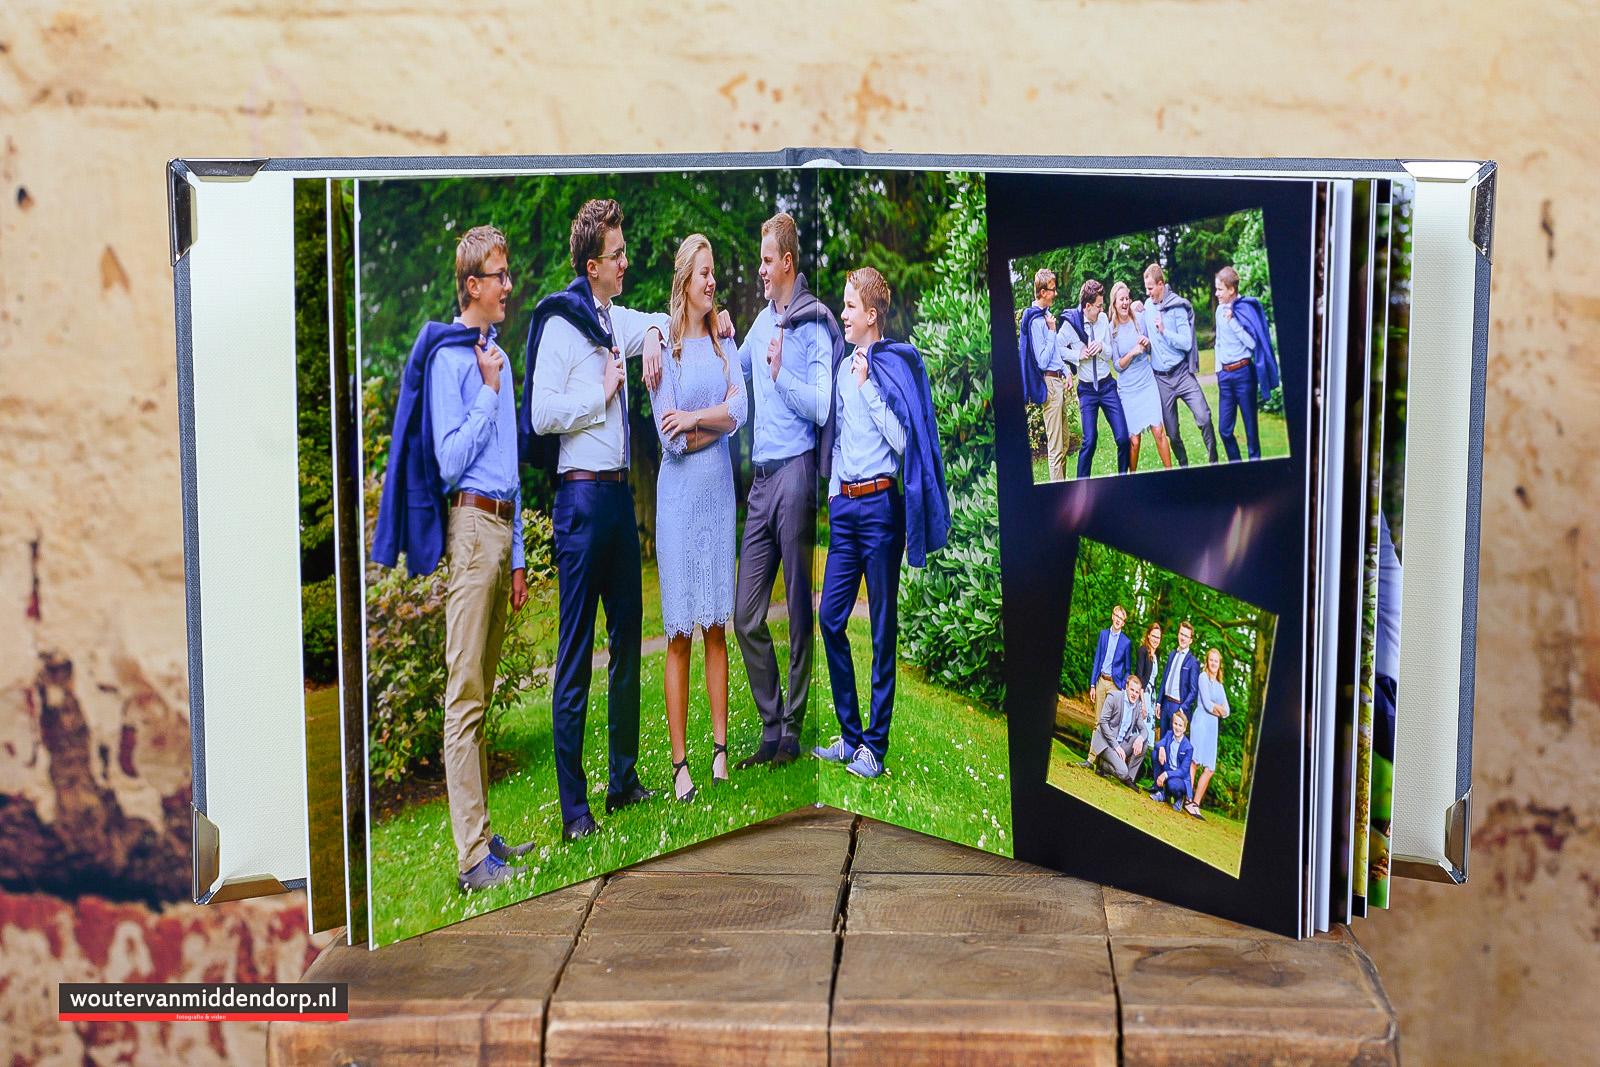 familiealbum fotoboek Wouter van middendorp (2)